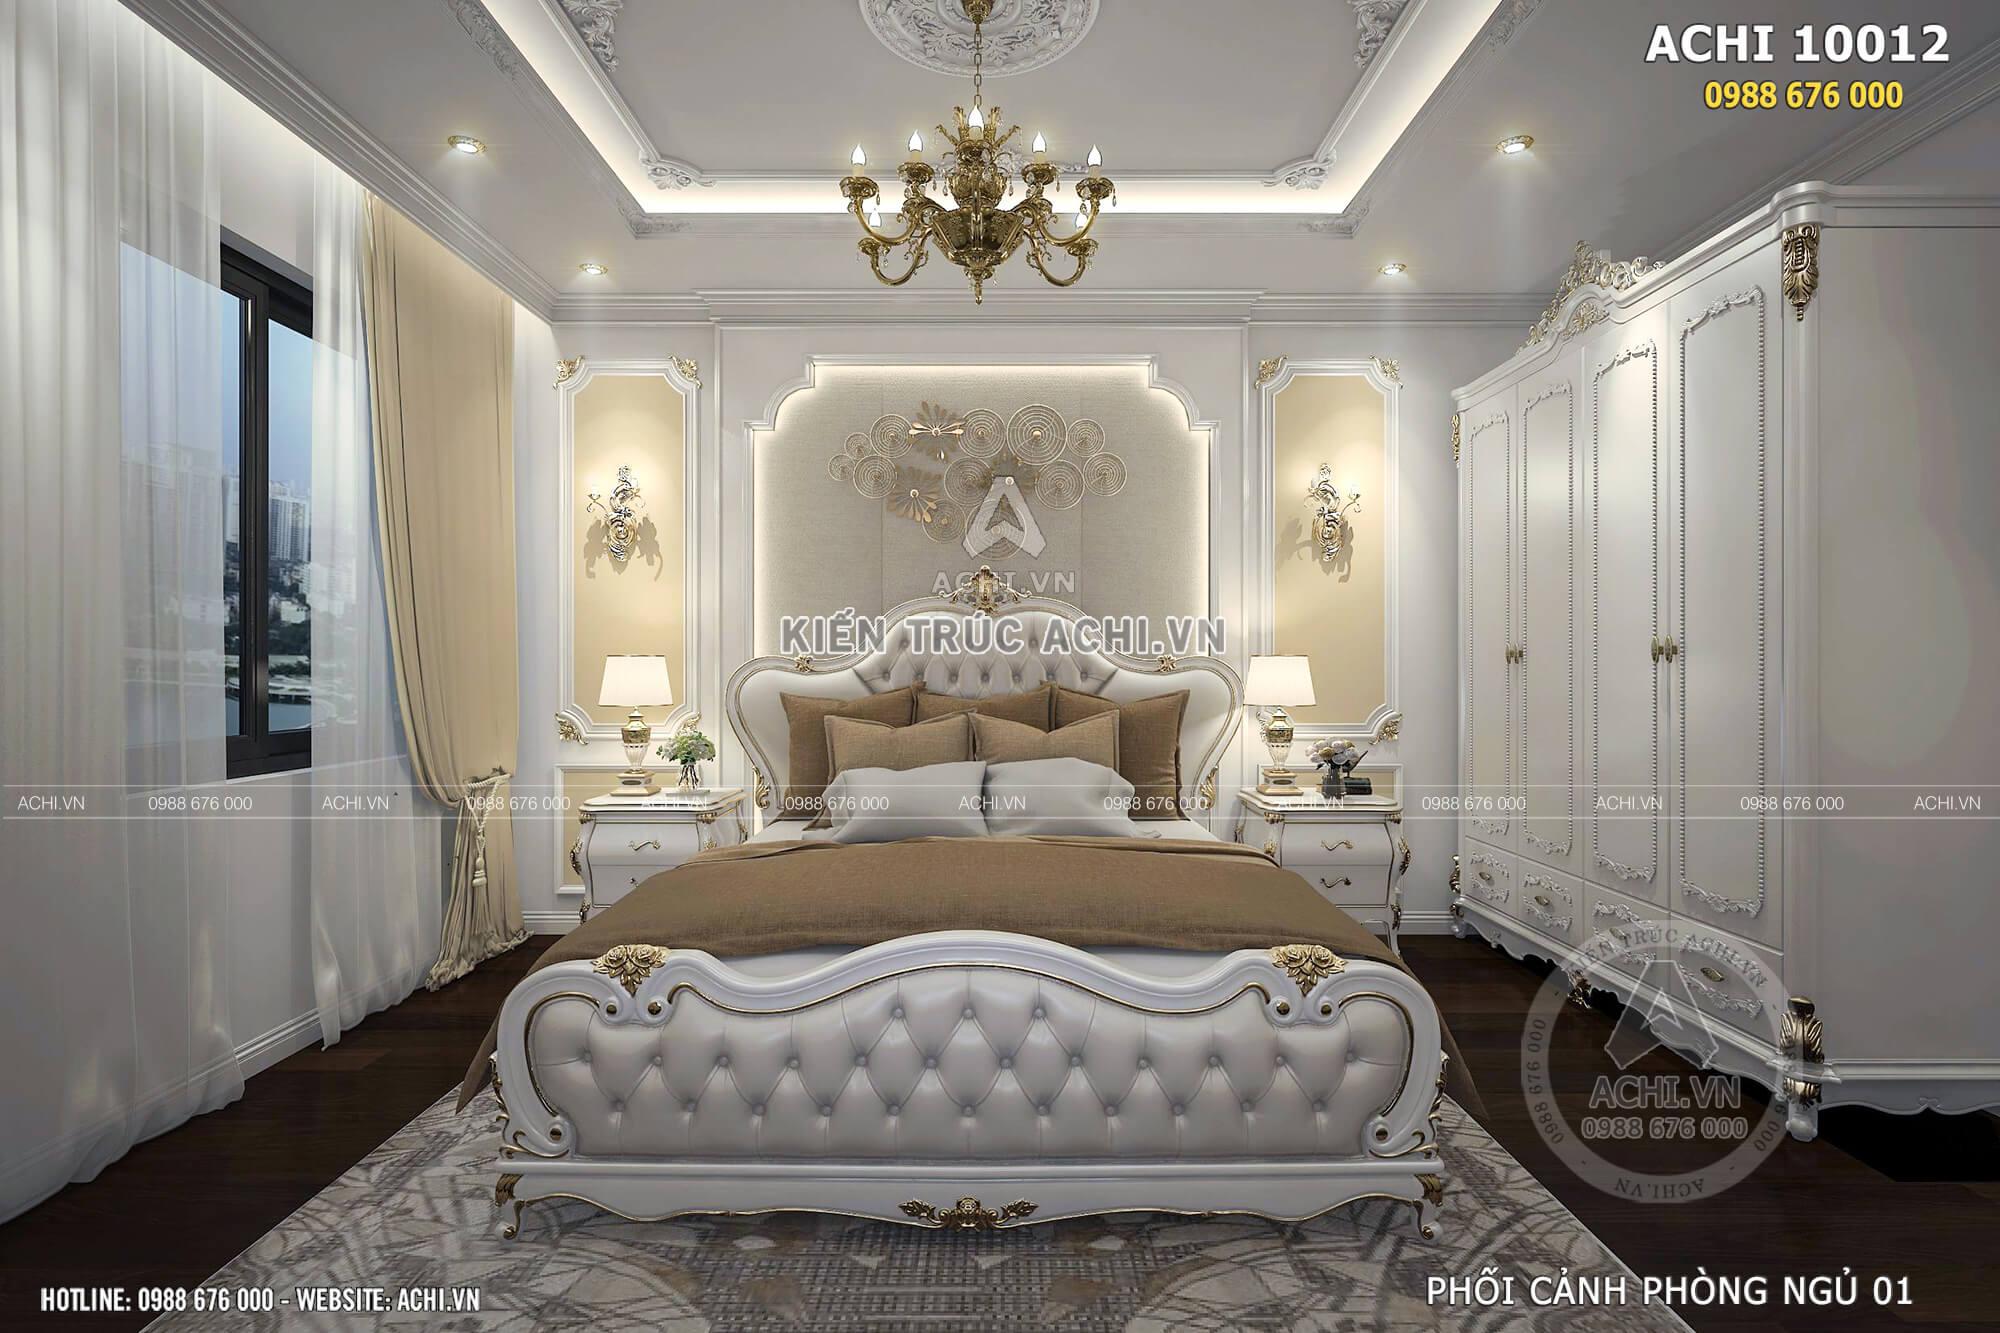 Thiết kế phòng ngủ tận dụng ánh sáng tự nhiên cho không gian phòng ngủ thêm thoáng đãng